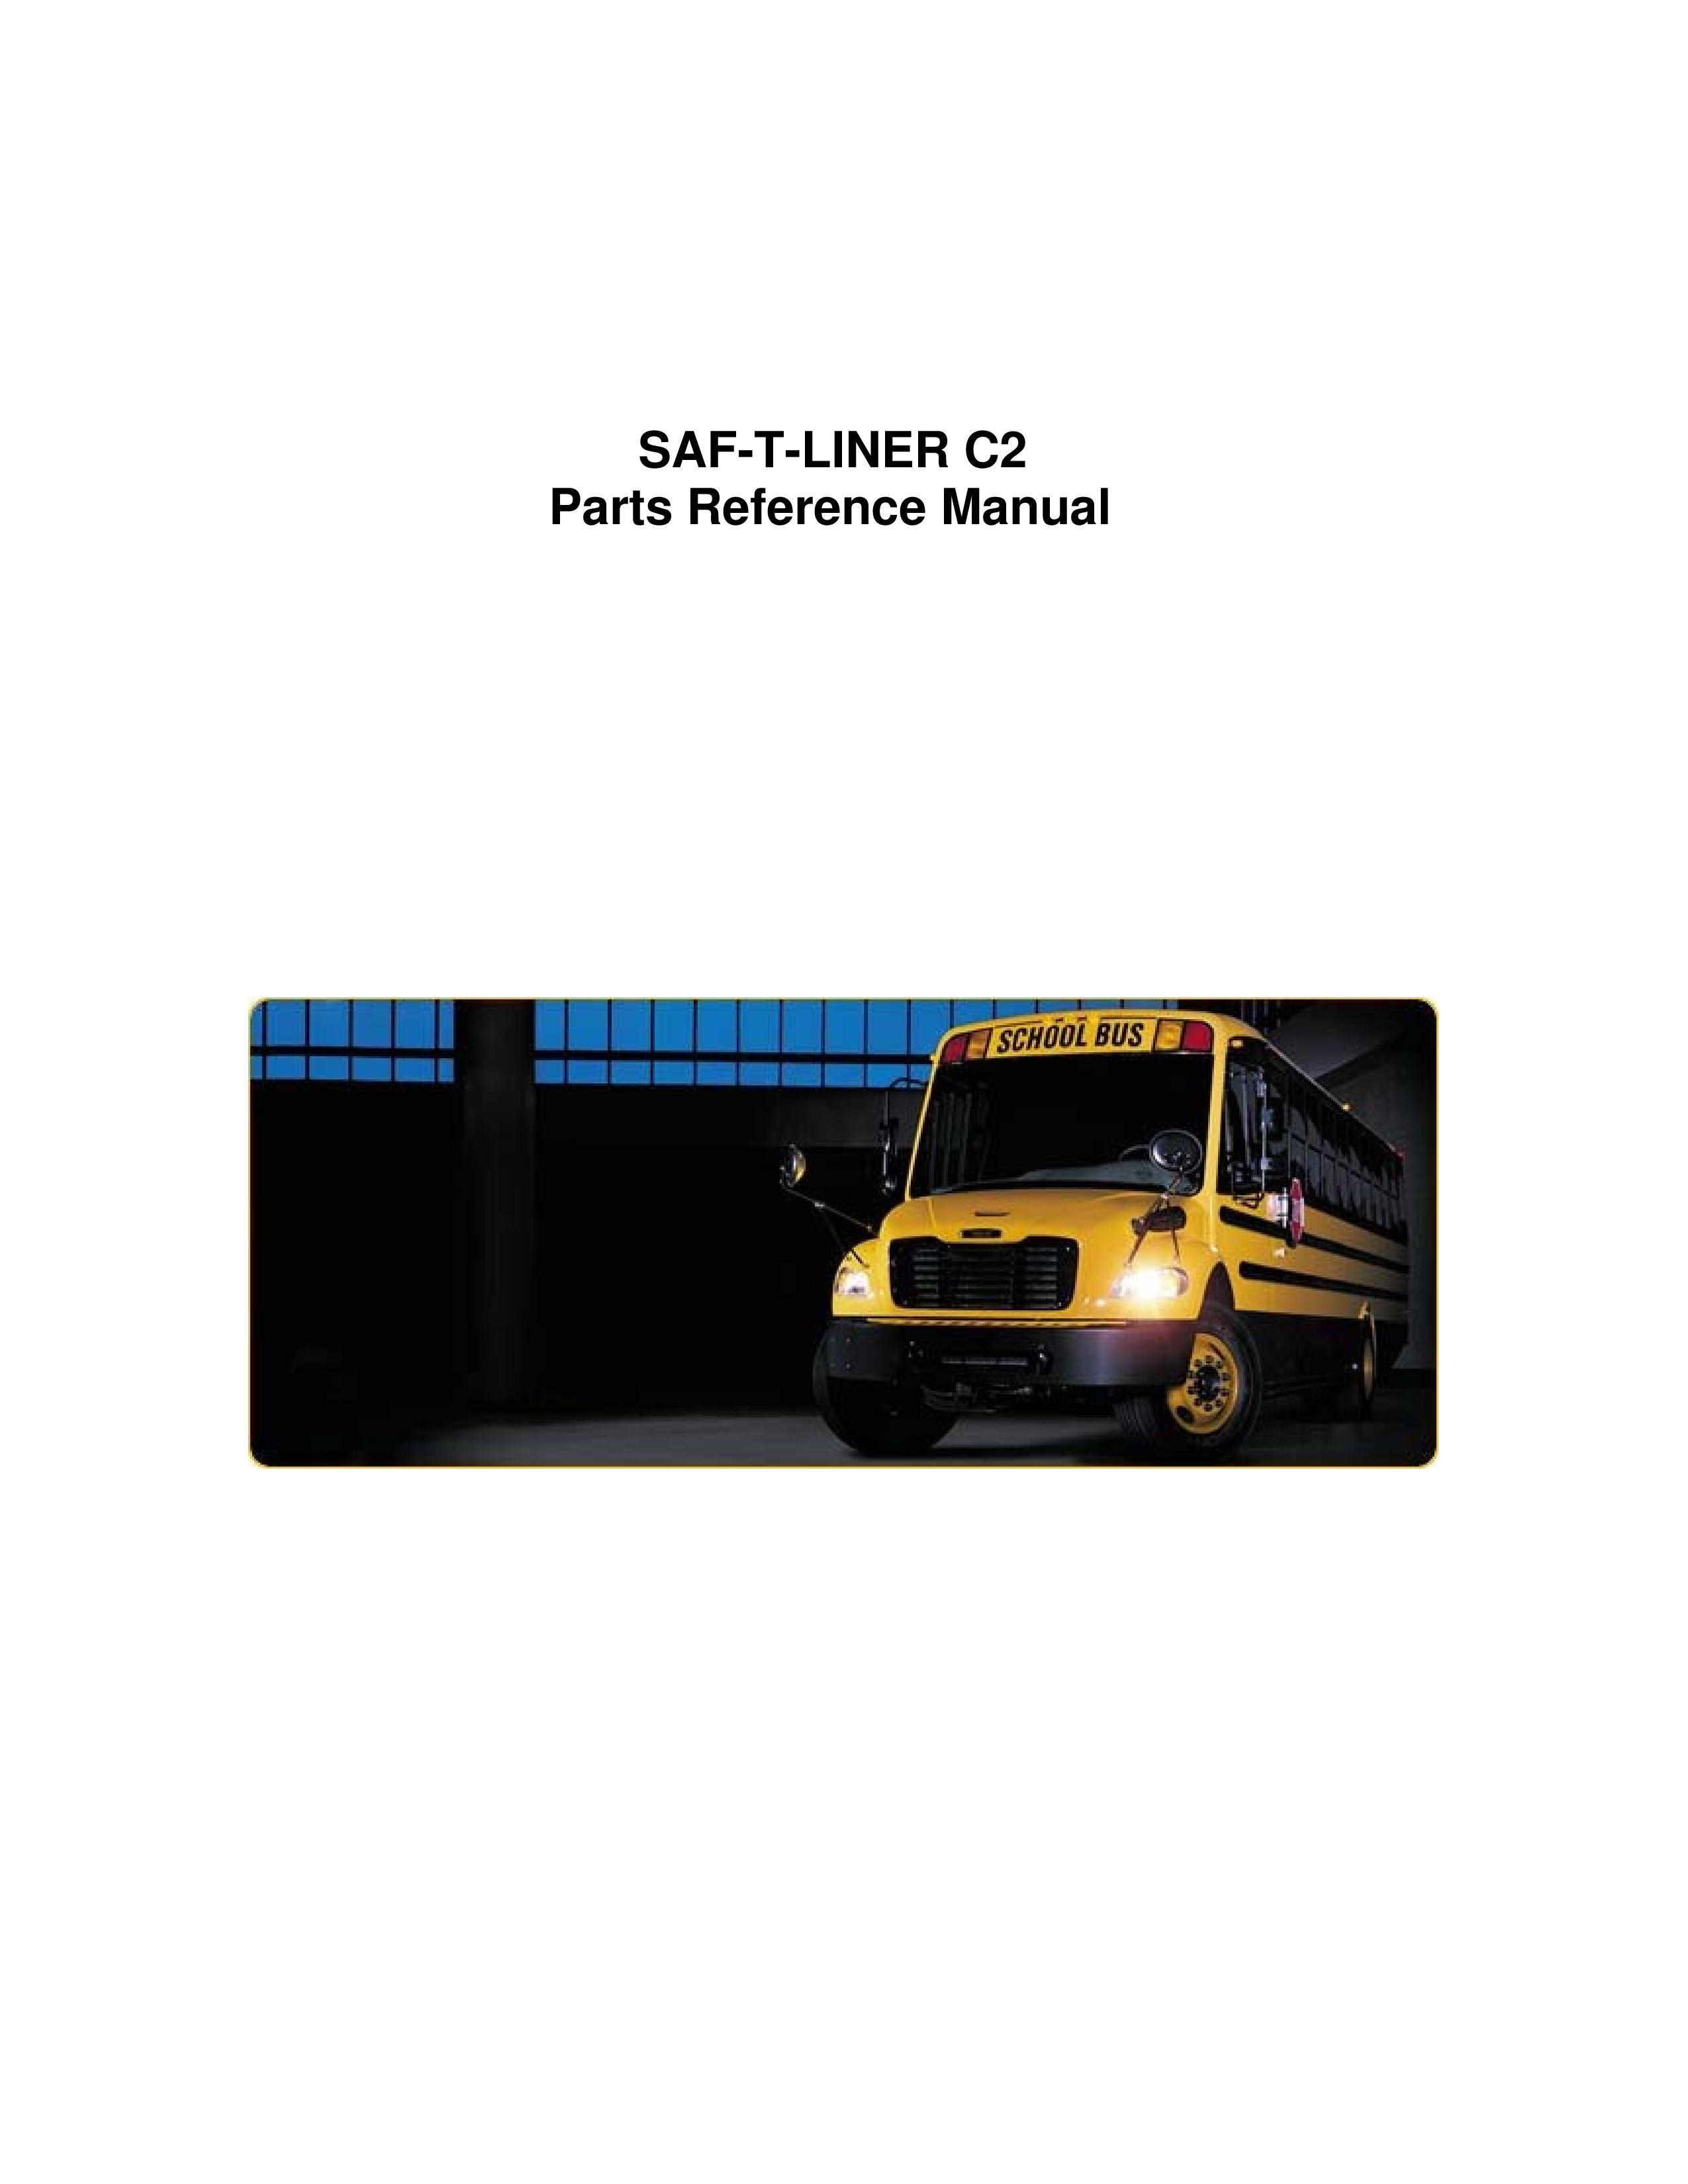 Exterior & Interior: School Bus Parts Manual - Thomas School